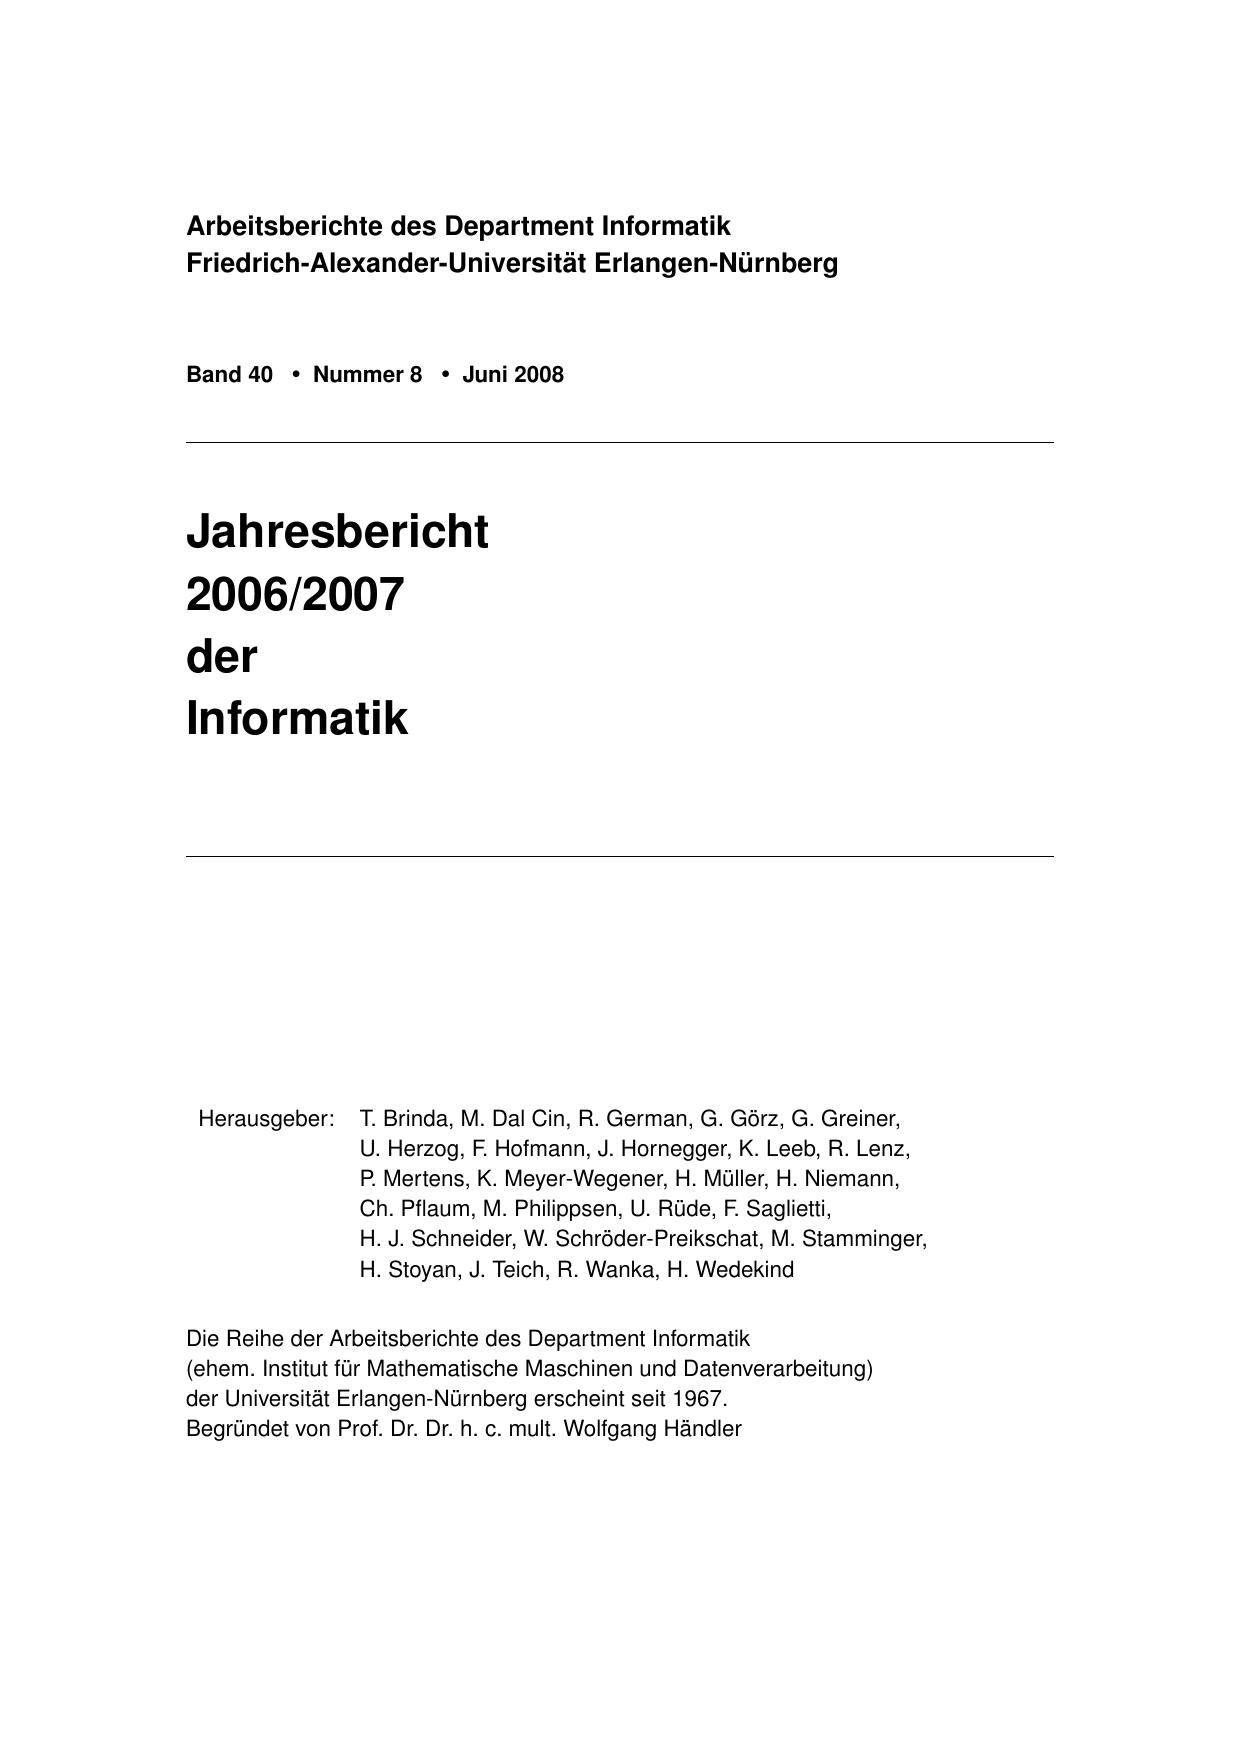 Jahresbericht 2006/2007 - Computer Science - Friedrich | manualzz.com